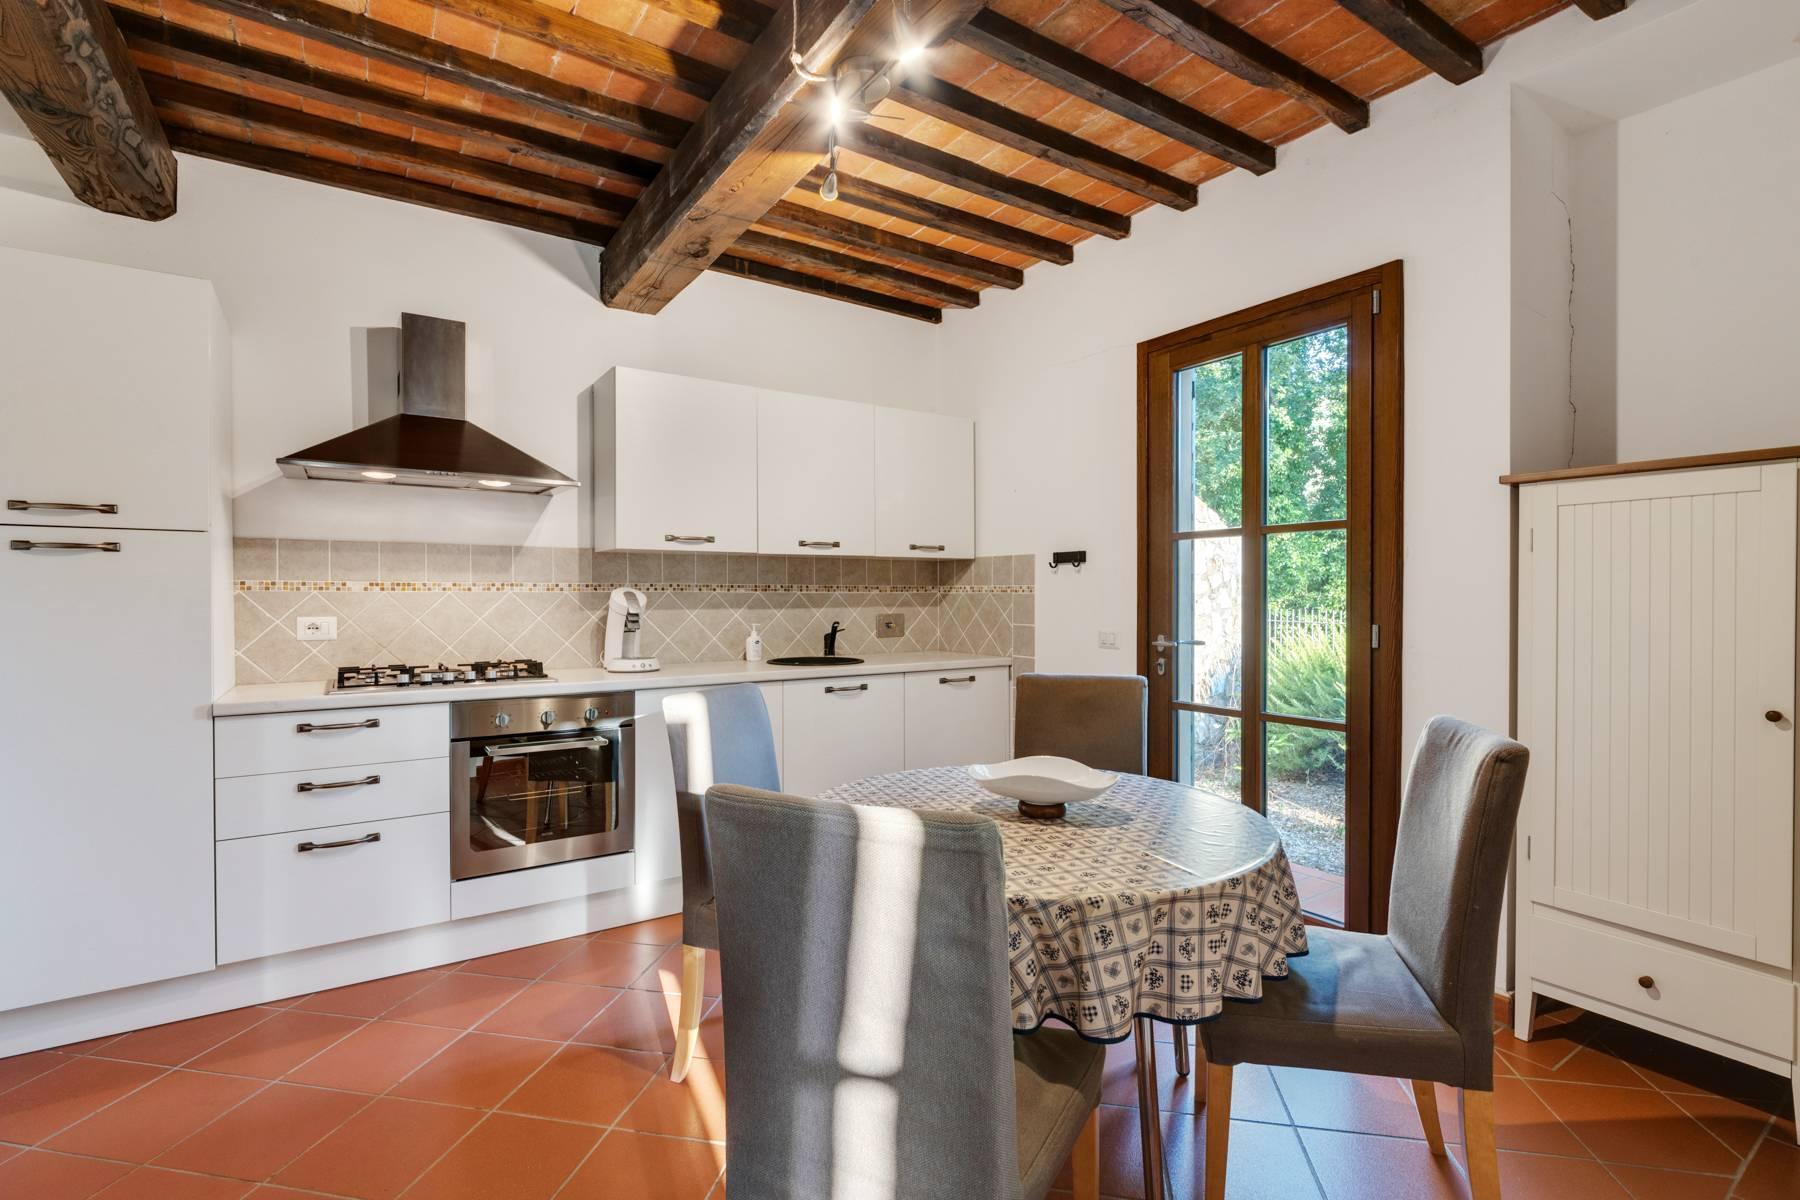 Charmante maison de campagne avec piscine sur les collines toscanes - 11